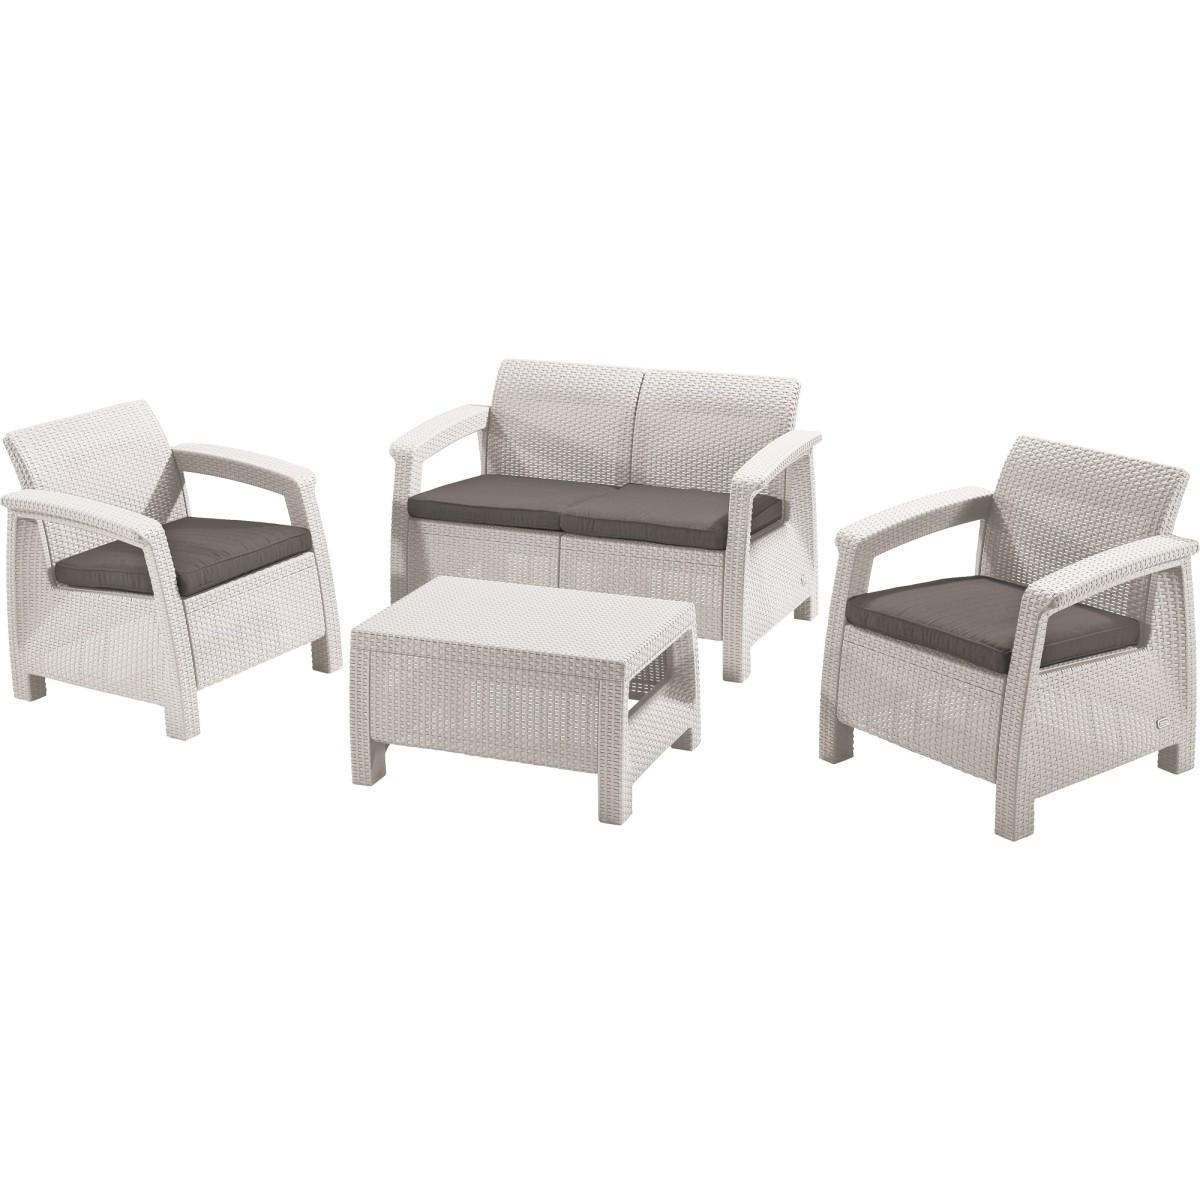 Набор садовой мебели Keter Corfu set полиротанг белый стол диван и 2 кресла